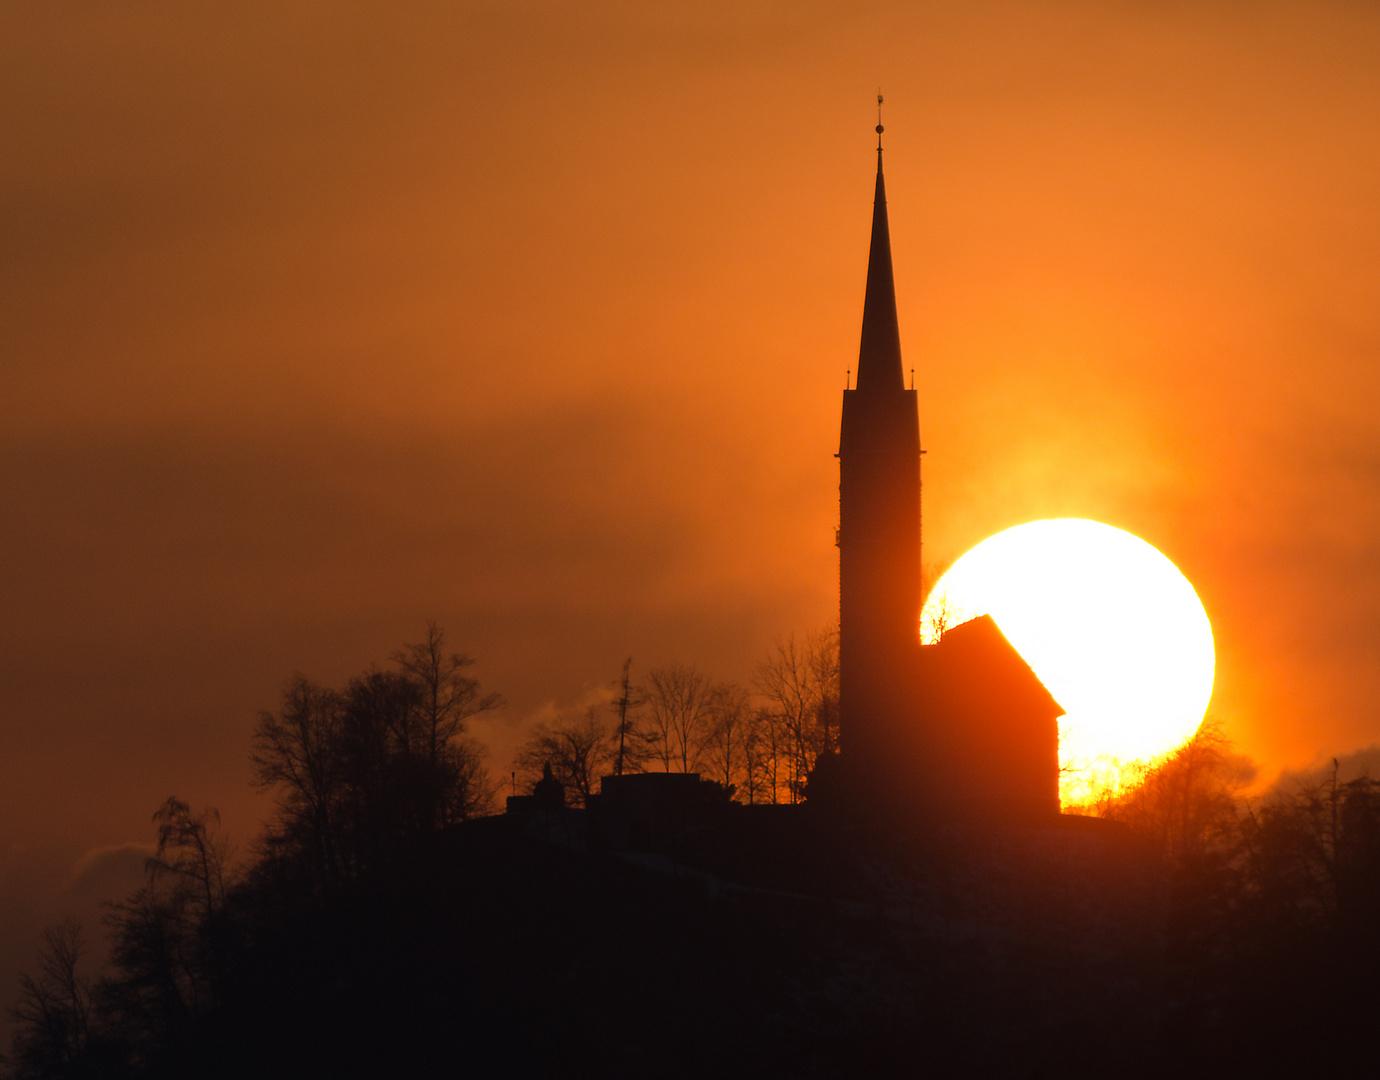 Sonnenuntergang mit Kirche von Tamins